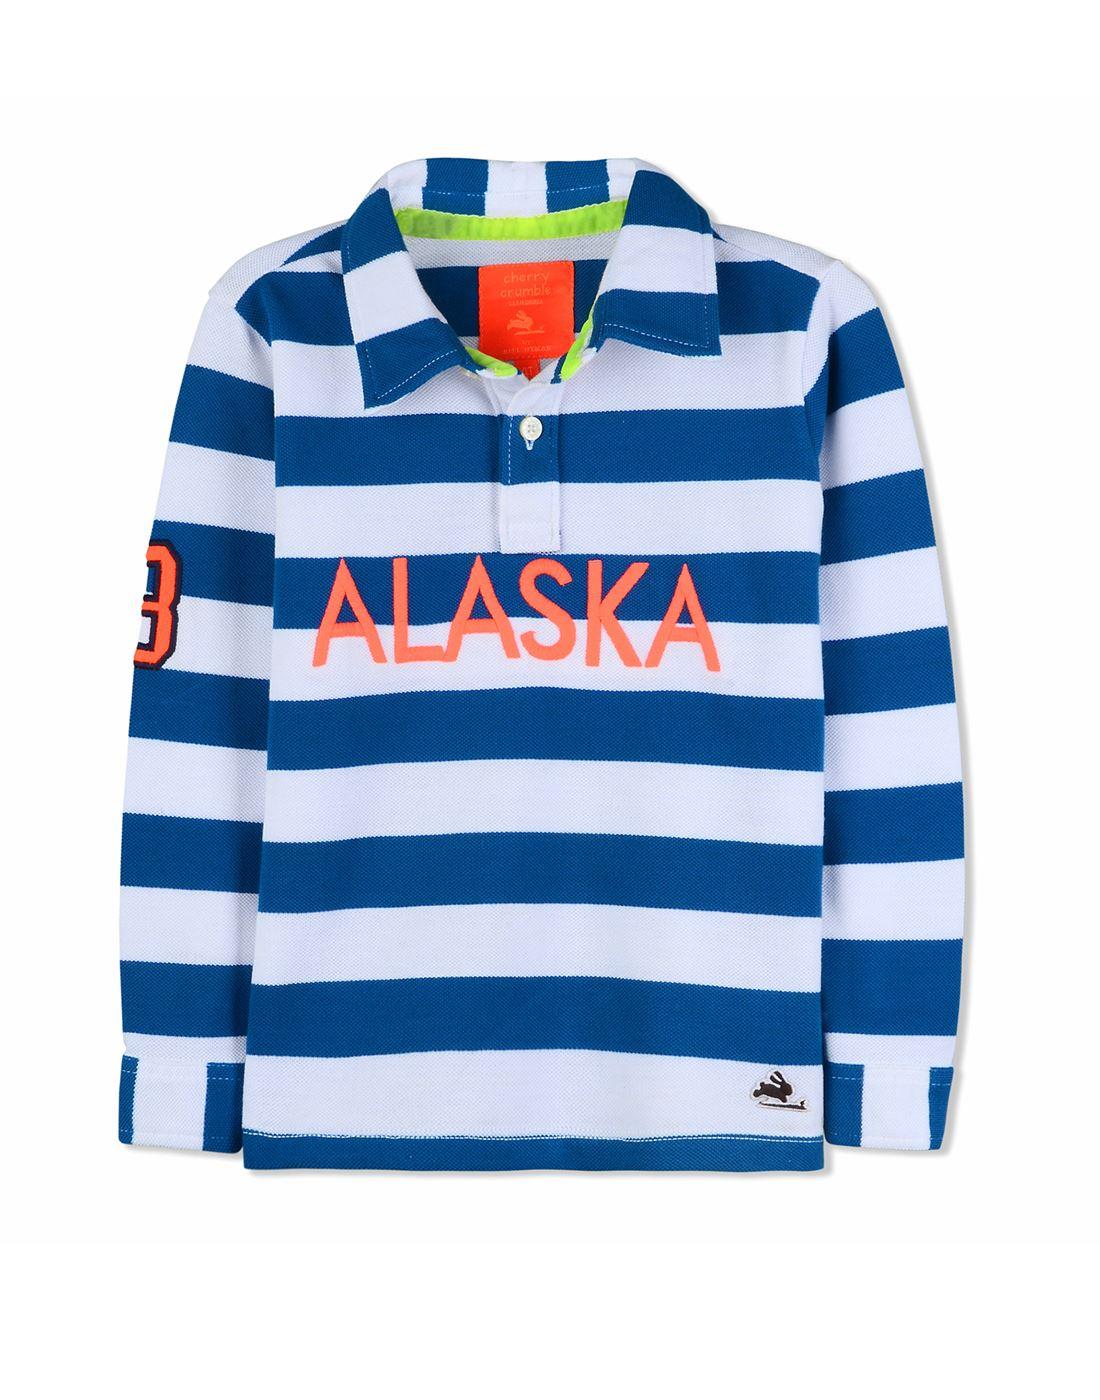 c9825609a Cherry Crumble California Casual Wear Striped Boys T-Shirt